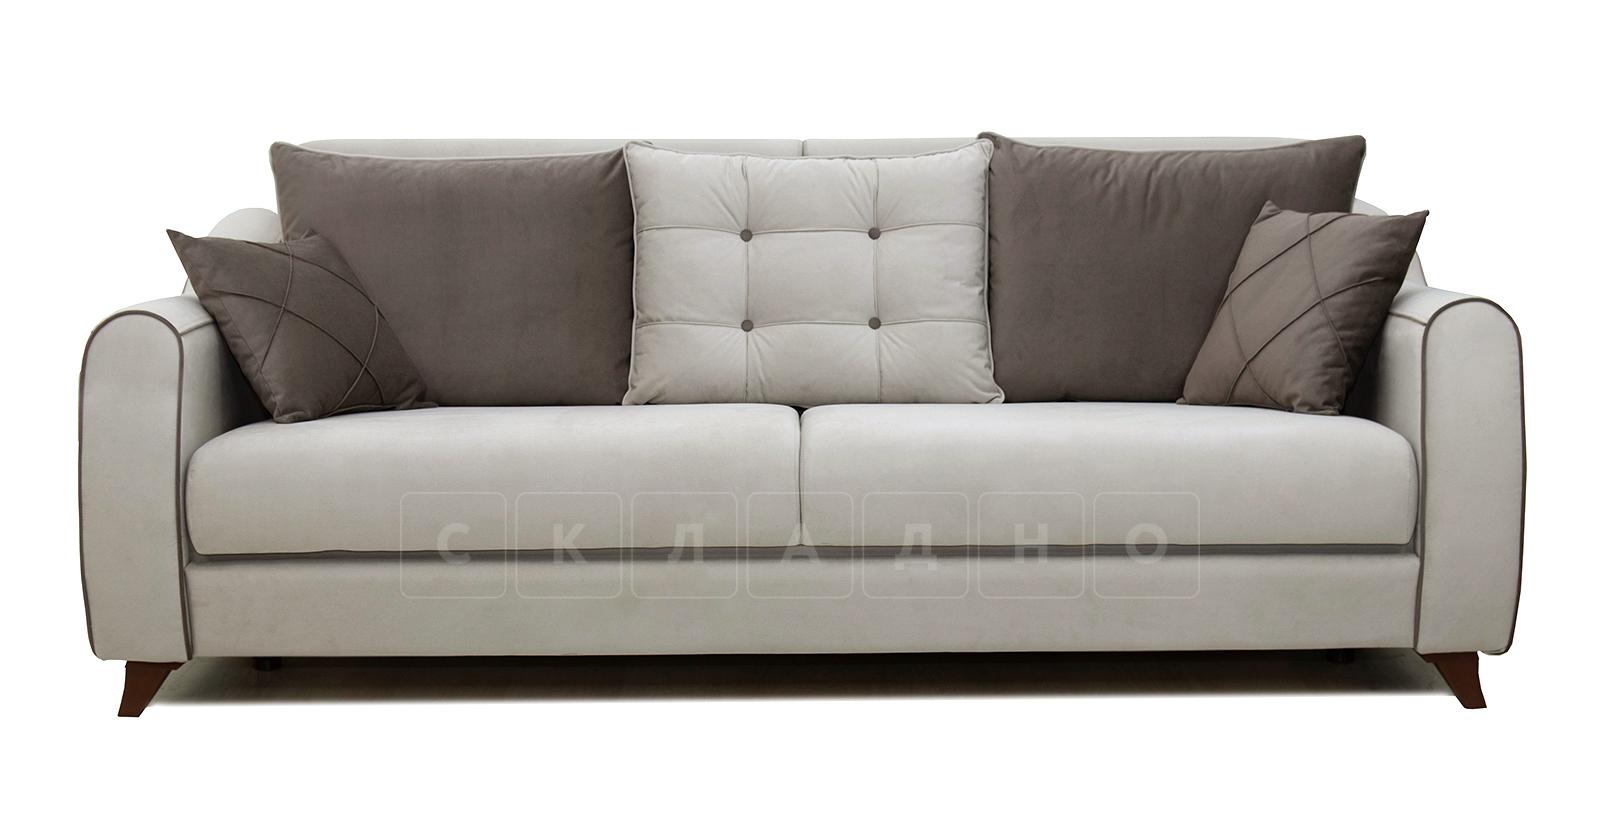 Диван-кровать Флэтфорд серо-бежевый фото 3 | интернет-магазин Складно